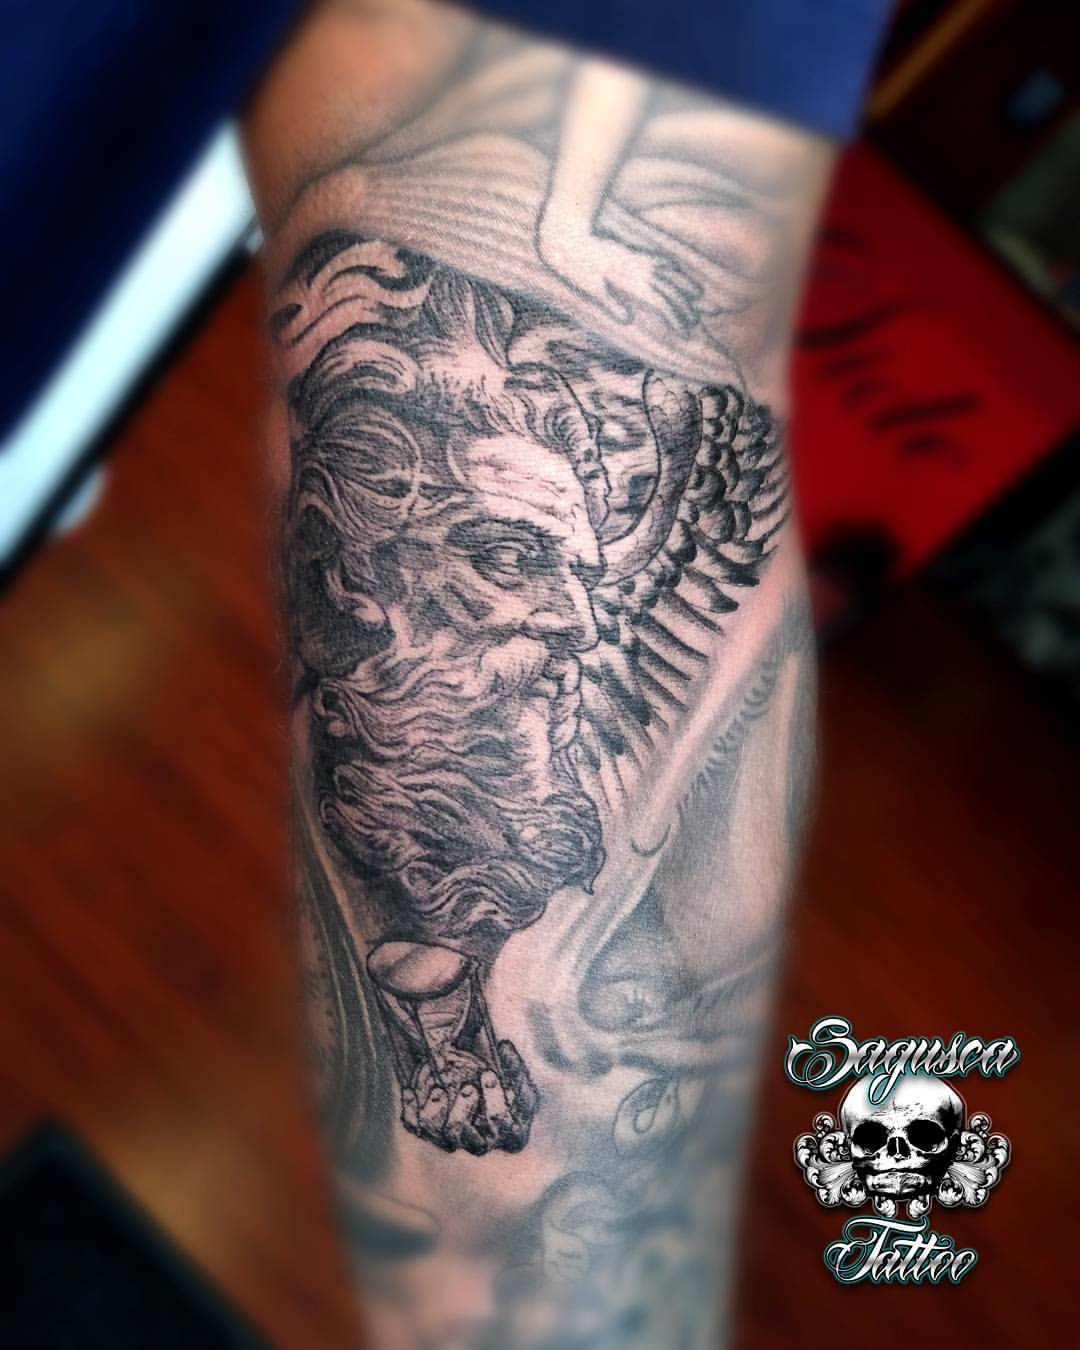 Shading Gap Filler Tattoos